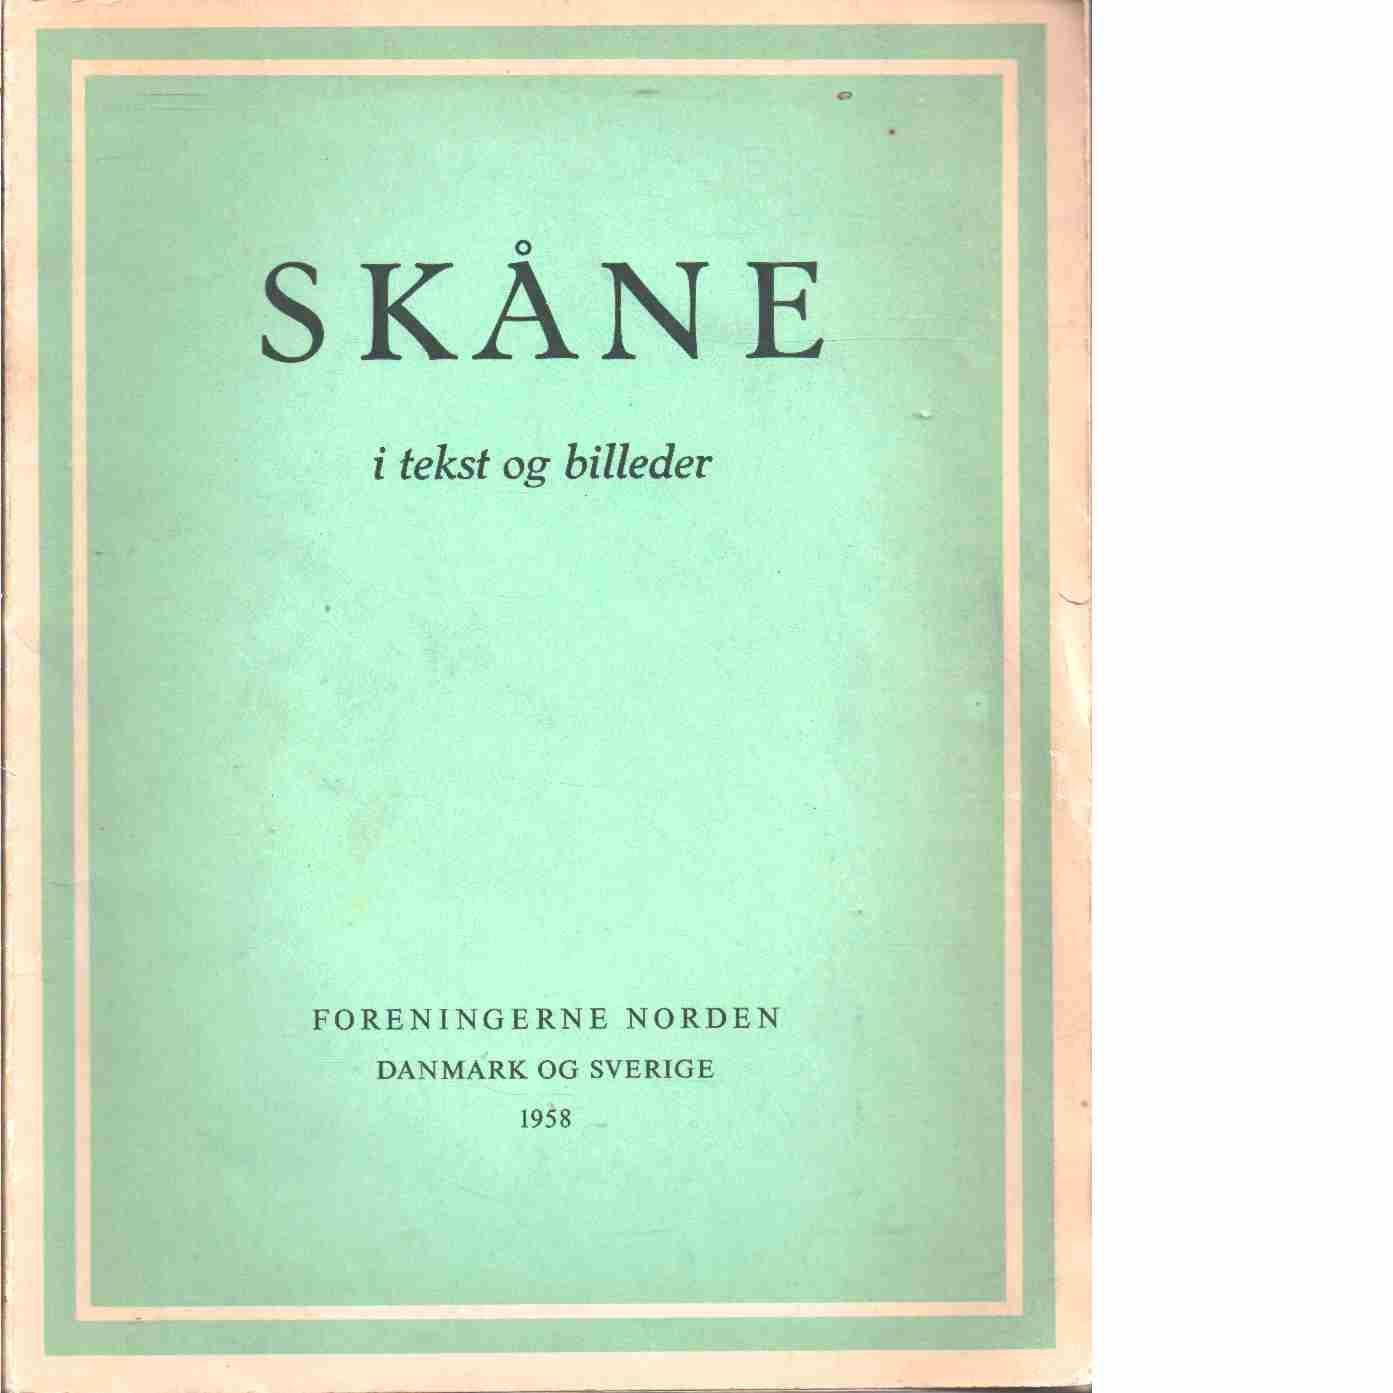 Skåne i tekst og billeder - Red.